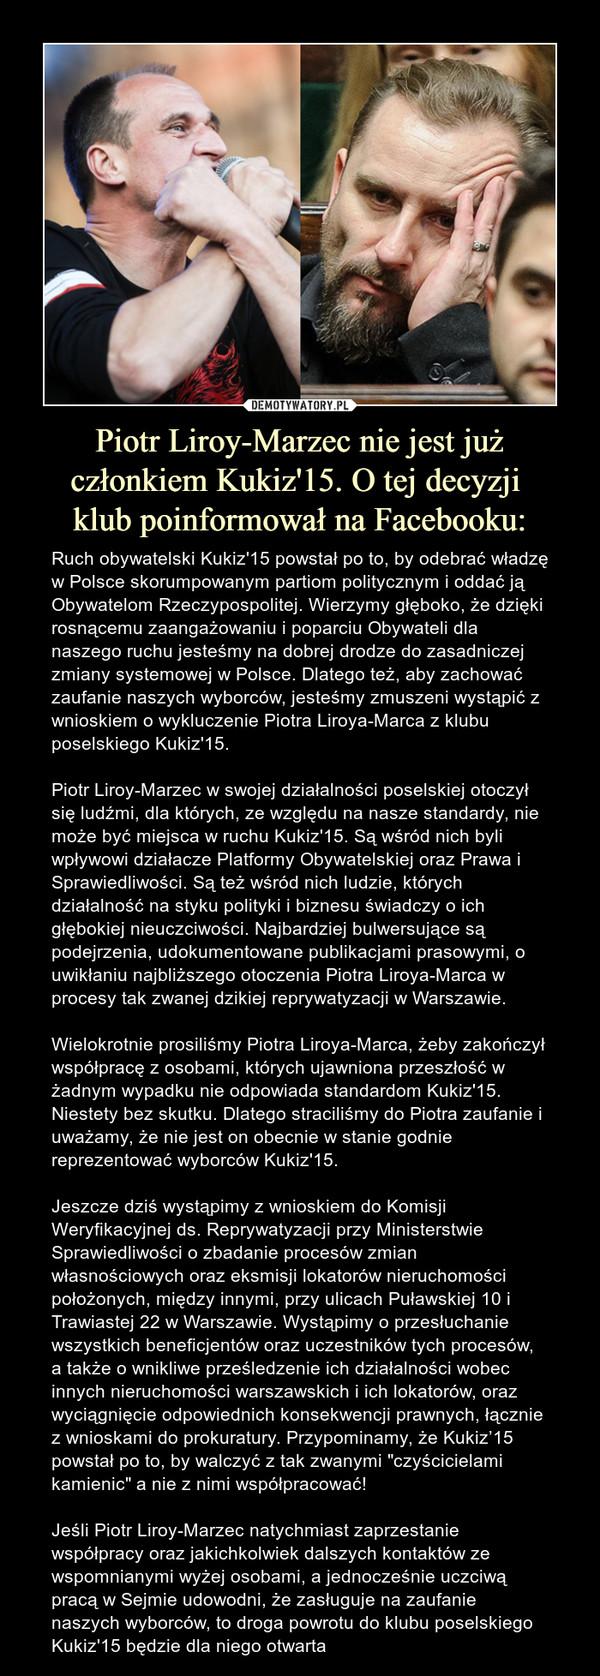 Piotr Liroy-Marzec nie jest już członkiem Kukiz'15. O tej decyzji klub poinformował na Facebooku: – Ruch obywatelski Kukiz'15 powstał po to, by odebrać władzę w Polsce skorumpowanym partiom politycznym i oddać ją Obywatelom Rzeczypospolitej. Wierzymy głęboko, że dzięki rosnącemu zaangażowaniu i poparciu Obywateli dla naszego ruchu jesteśmy na dobrej drodze do zasadniczej zmiany systemowej w Polsce. Dlatego też, aby zachować zaufanie naszych wyborców, jesteśmy zmuszeni wystąpić z wnioskiem o wykluczenie Piotra Liroya-Marca z klubu poselskiego Kukiz'15.Piotr Liroy-Marzec w swojej działalności poselskiej otoczył się ludźmi, dla których, ze względu na nasze standardy, nie może być miejsca w ruchu Kukiz'15. Są wśród nich byli wpływowi działacze Platformy Obywatelskiej oraz Prawa i Sprawiedliwości. Są też wśród nich ludzie, których działalność na styku polityki i biznesu świadczy o ich głębokiej nieuczciwości. Najbardziej bulwersujące są podejrzenia, udokumentowane publikacjami prasowymi, o uwikłaniu najbliższego otoczenia Piotra Liroya-Marca w procesy tak zwanej dzikiej reprywatyzacji w Warszawie.Wielokrotnie prosiliśmy Piotra Liroya-Marca, żeby zakończył współpracę z osobami, których ujawniona przeszłość w żadnym wypadku nie odpowiada standardom Kukiz'15. Niestety bez skutku. Dlatego straciliśmy do Piotra zaufanie i uważamy, że nie jest on obecnie w stanie godnie reprezentować wyborców Kukiz'15.Jeszcze dziś wystąpimy z wnioskiem do Komisji Weryfikacyjnej ds. Reprywatyzacji przy Ministerstwie Sprawiedliwości o zbadanie procesów zmian własnościowych oraz eksmisji lokatorów nieruchomości położonych, między innymi, przy ulicach Puławskiej 10 i Trawiastej 22 w Warszawie. Wystąpimy o przesłuchanie wszystkich beneficjentów oraz uczestników tych procesów, a także o wnikliwe prześledzenie ich działalności wobec innych nieruchomości warszawskich i ich lokatorów, oraz wyciągnięcie odpowiednich konsekwencji prawnych, łącznie z wnioskami do prokuratury. Przypominamy, że Kukiz'15 pow